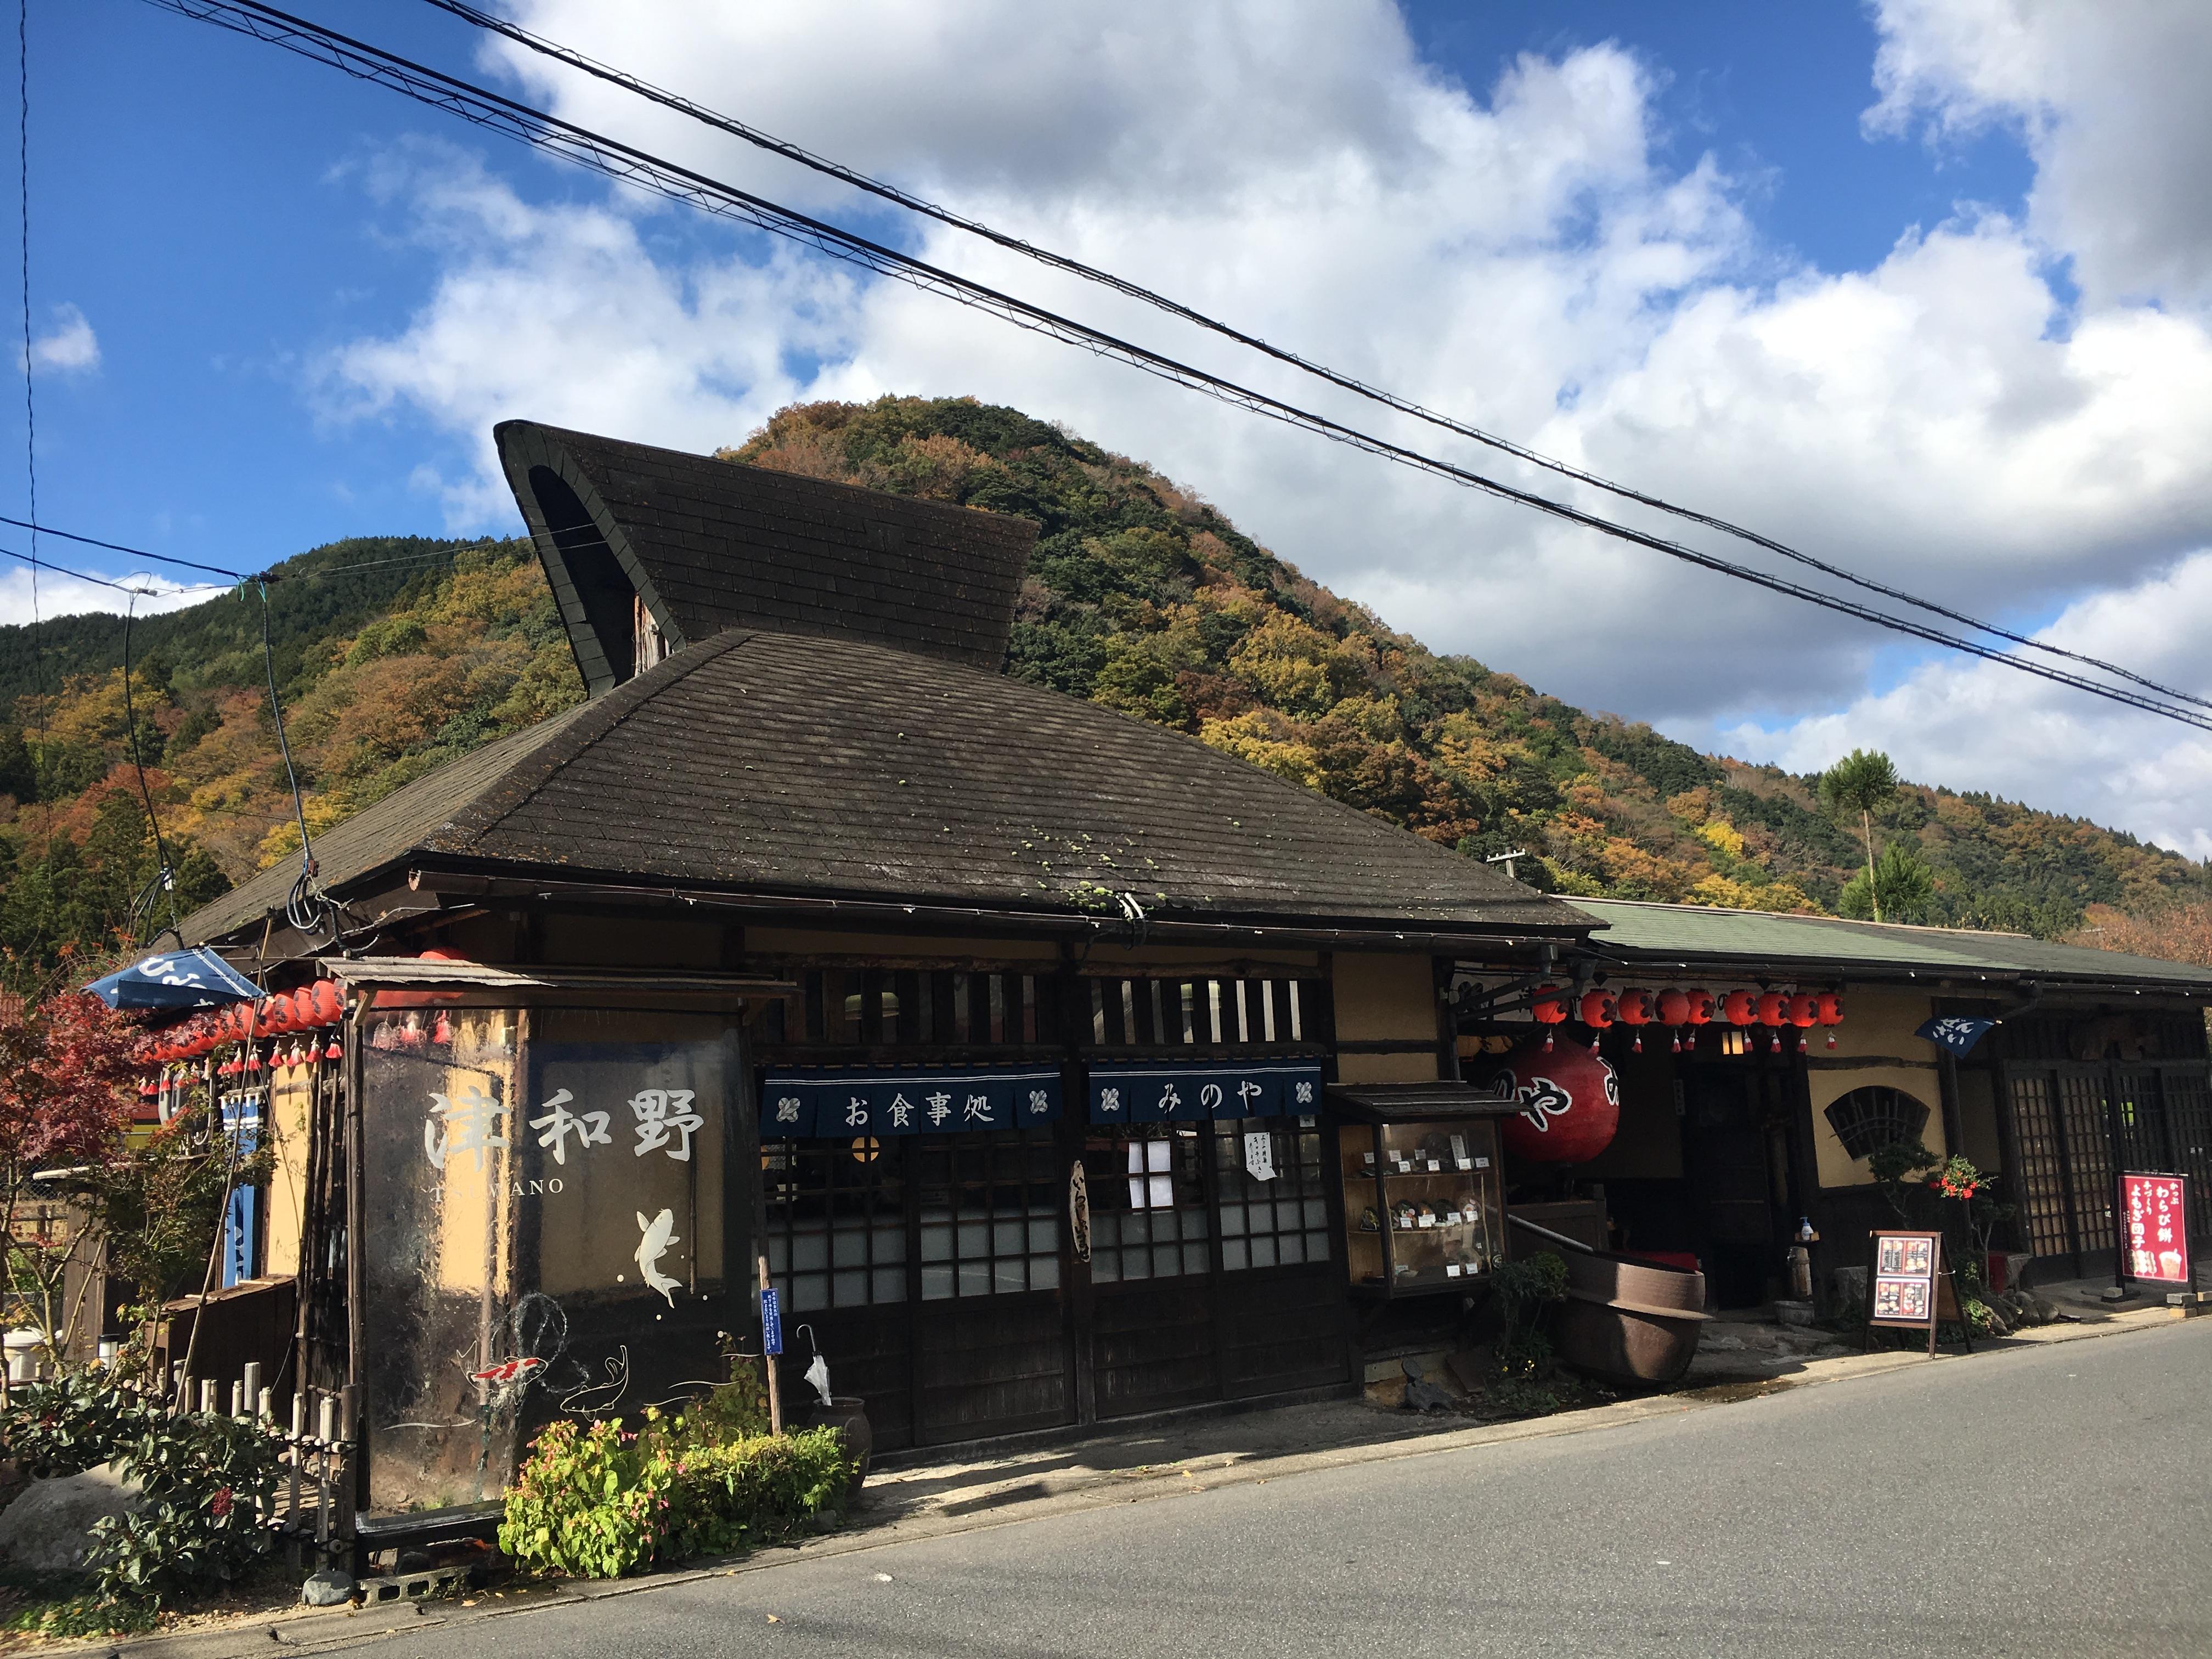 津和野の源氏巻や芋煮を味わう!日原天文台で本州一番の星空観賞も!